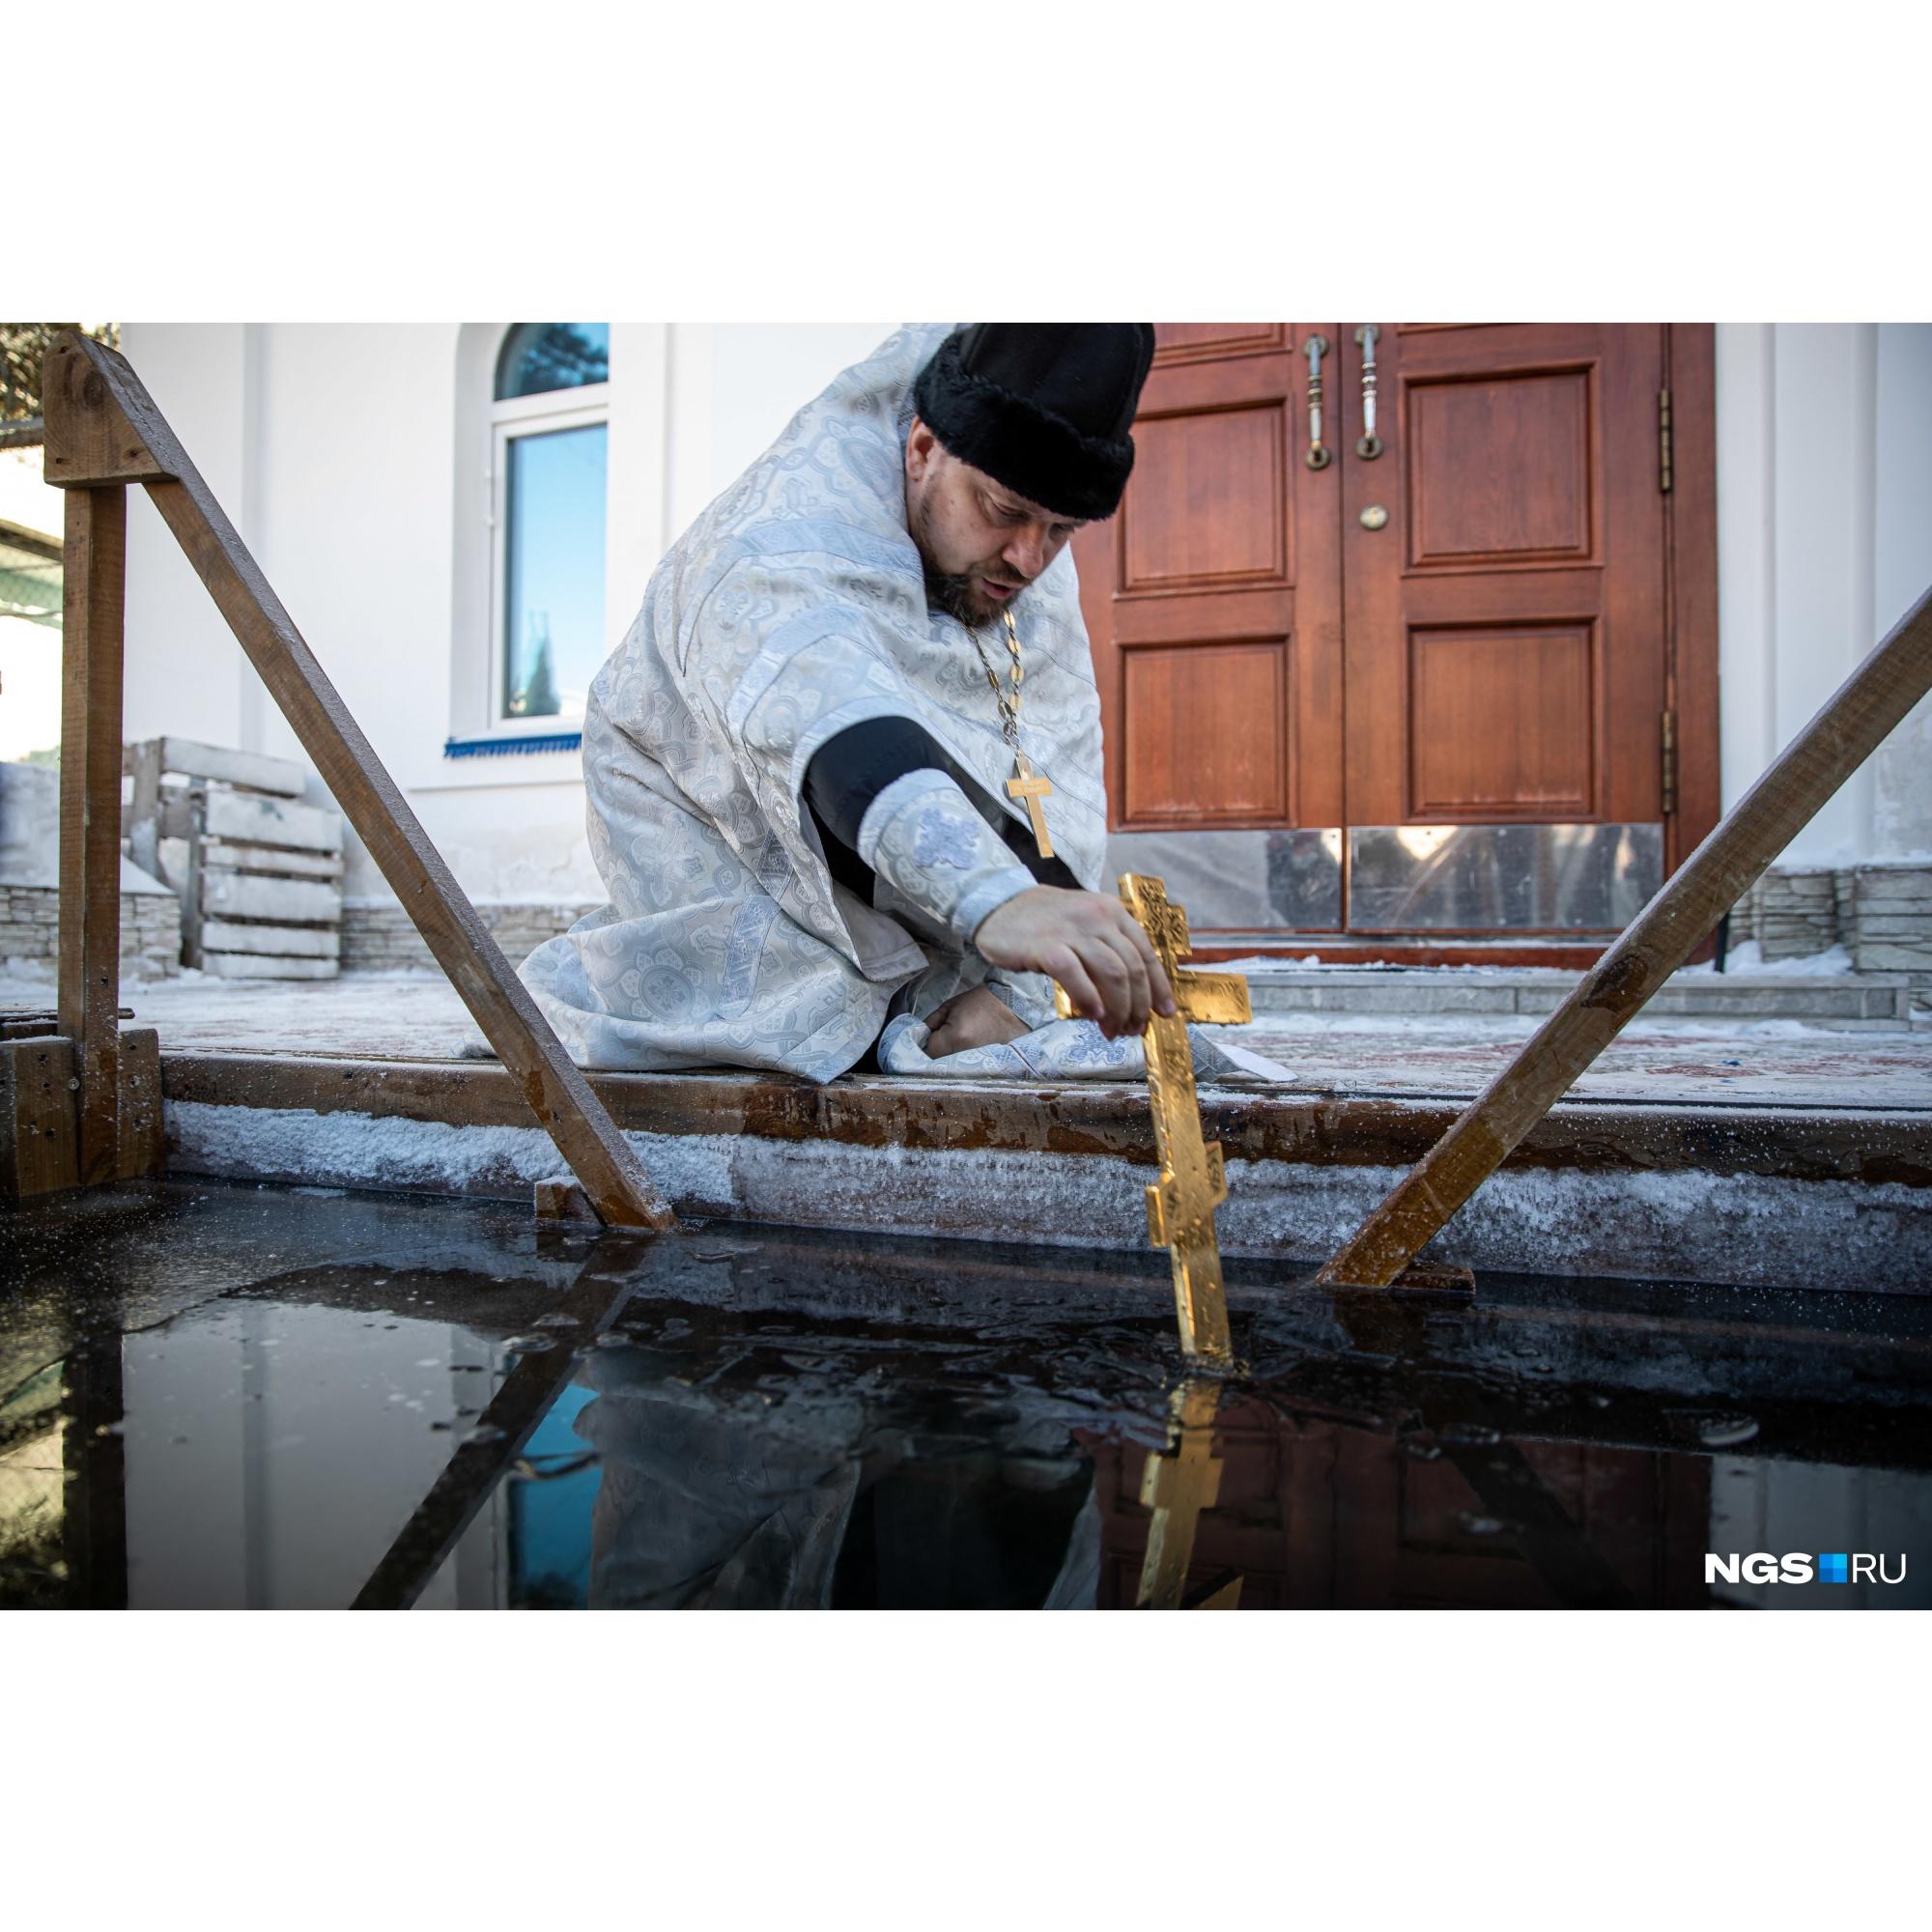 Крещение встречали и в колонии ИК-18